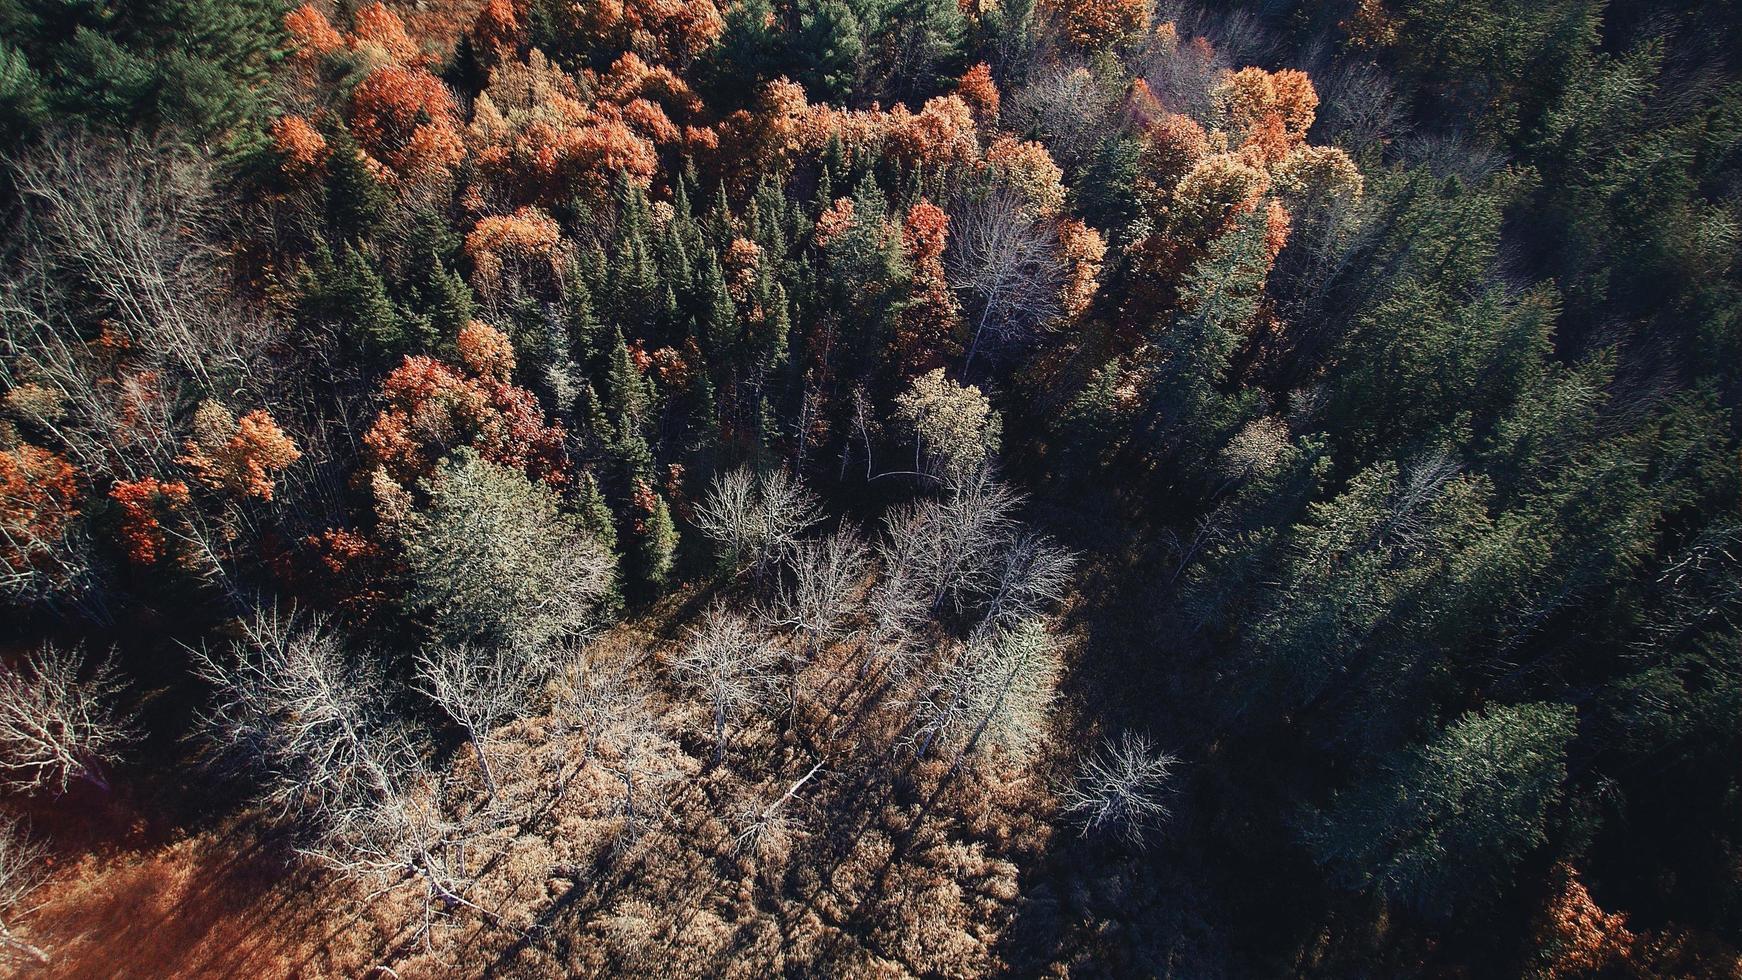 vista aerea di alberi d'autunno foto